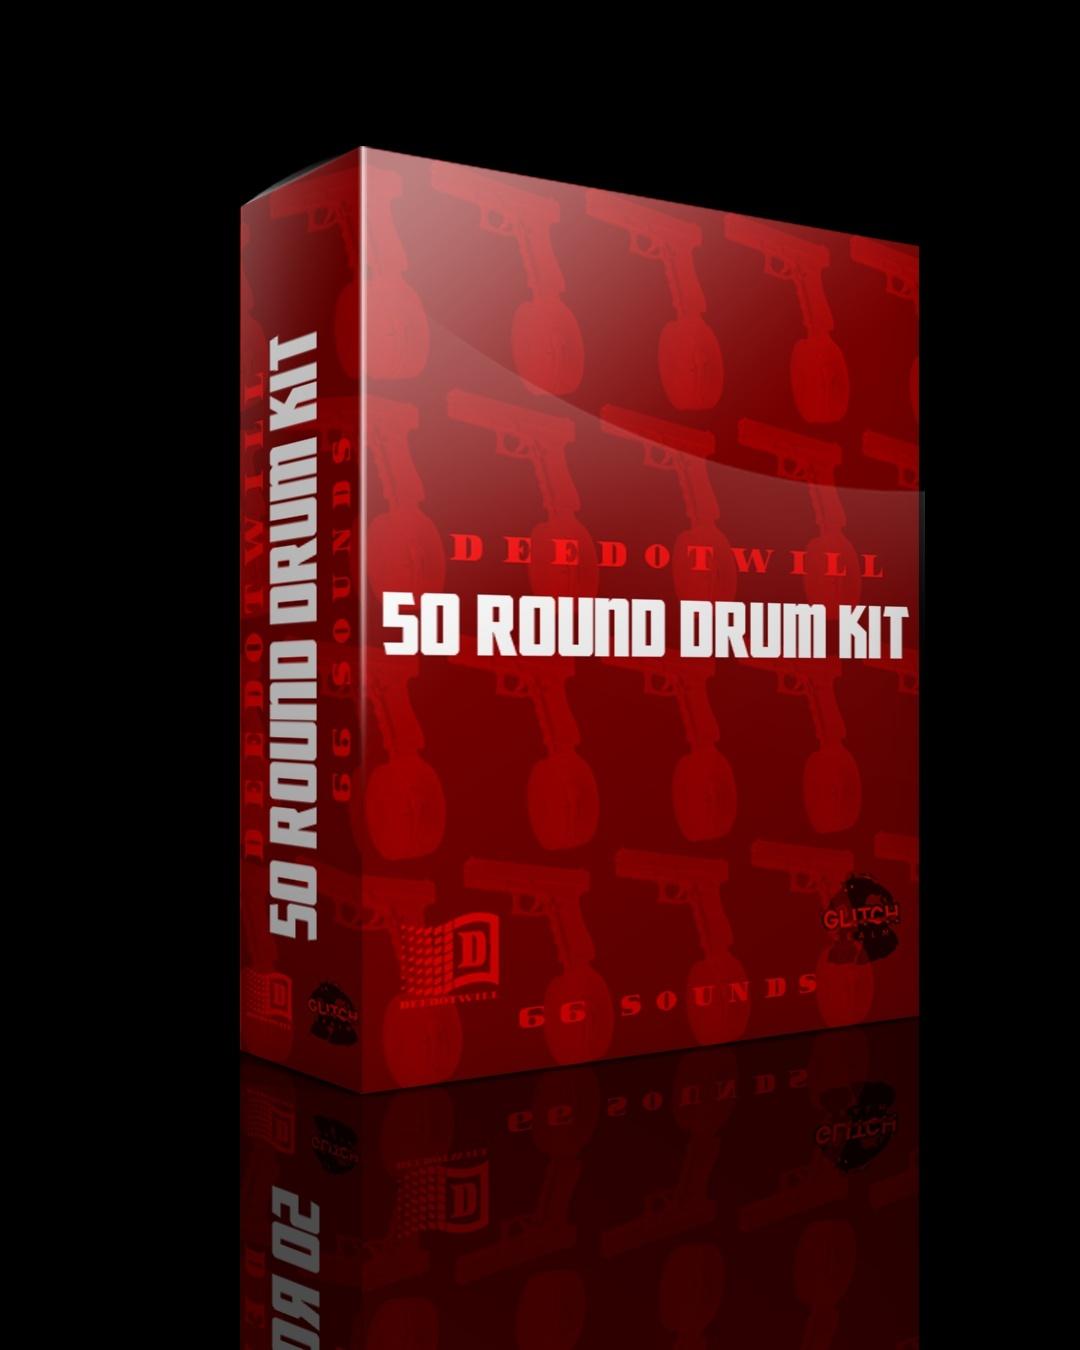 Deedotwill - 50 Round Drum Kit